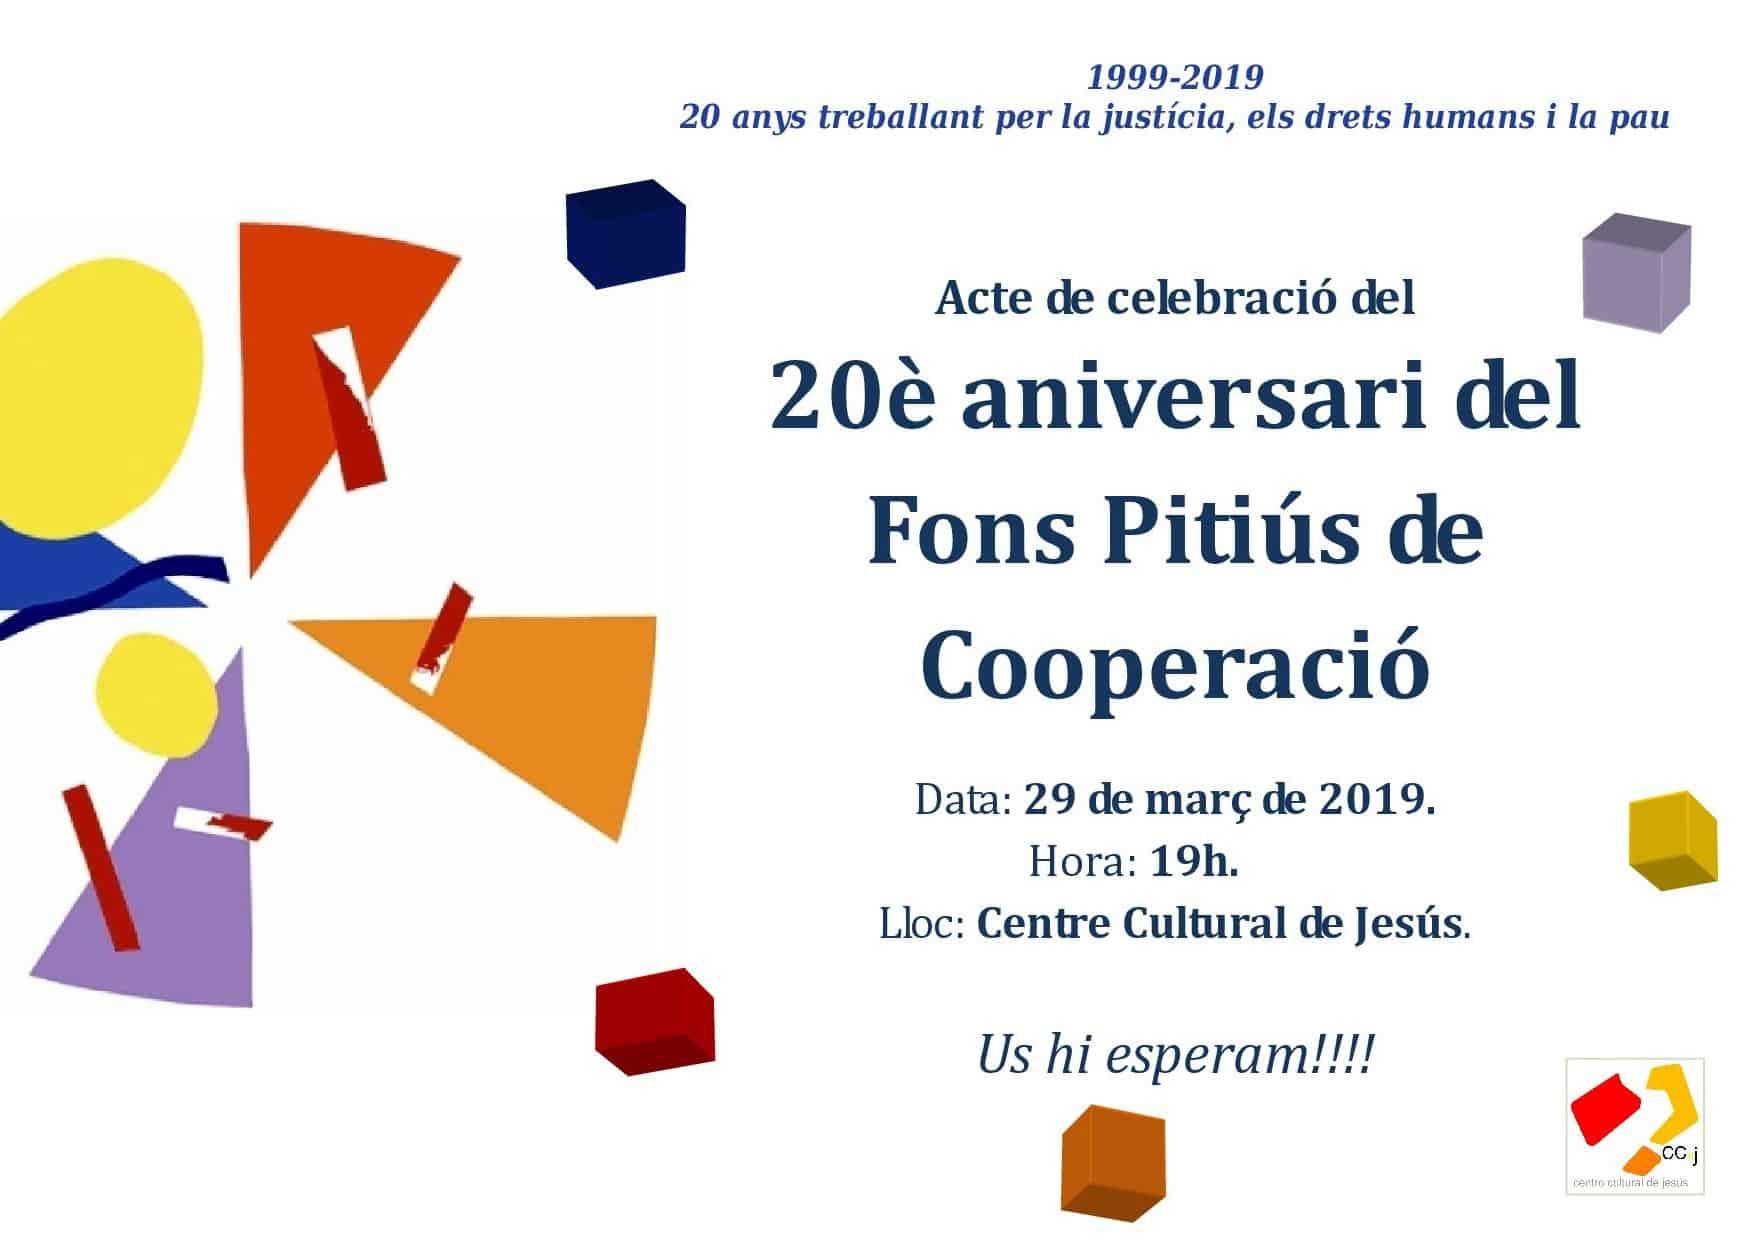 Celebració del 20è aniversari del Fons Pitiús de Cooperació